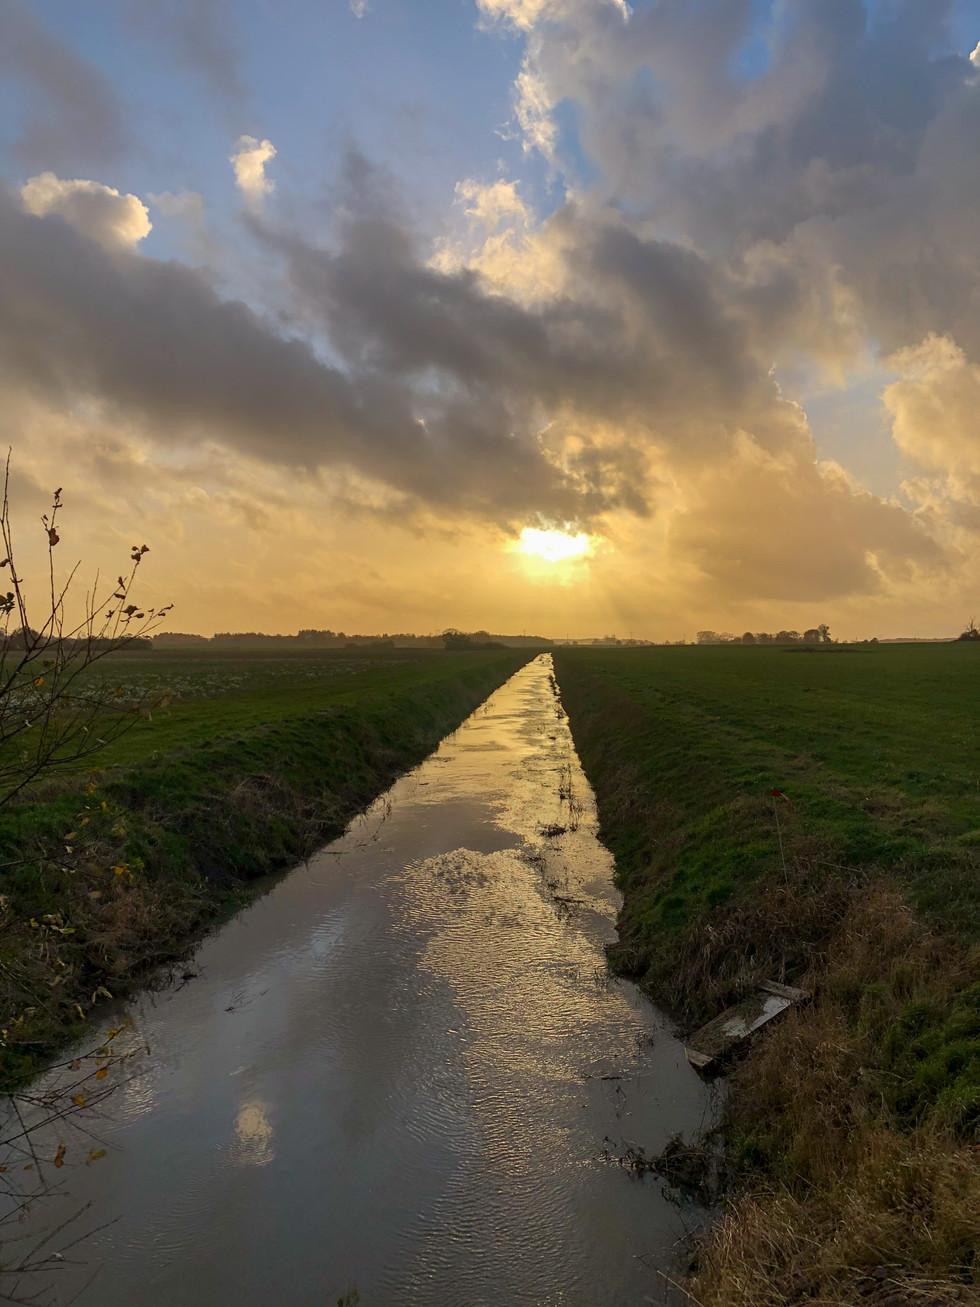 Ramsjökanal